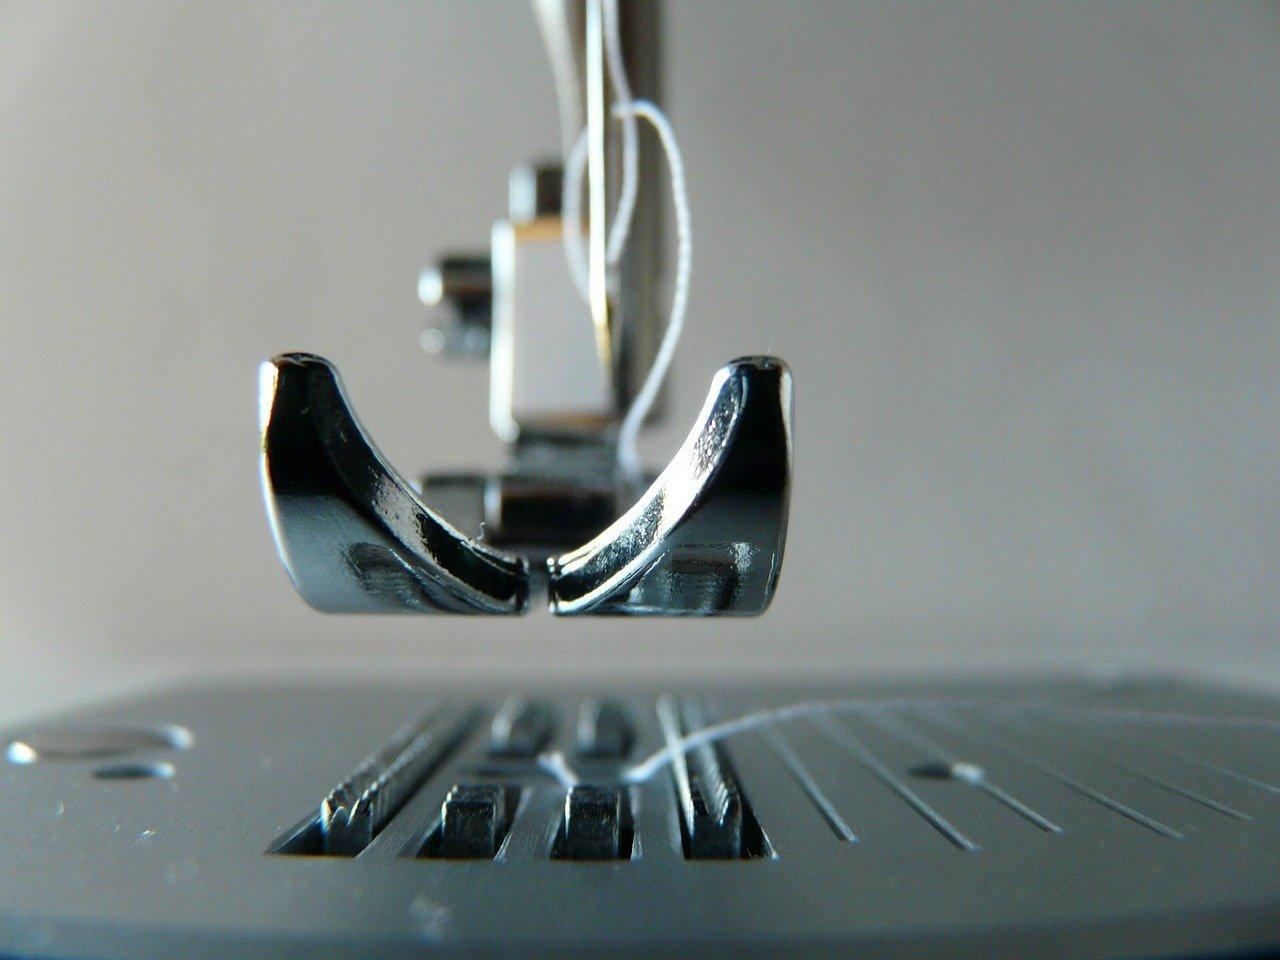 Рейтинг лучших портативных швейных машинок на 2021 год